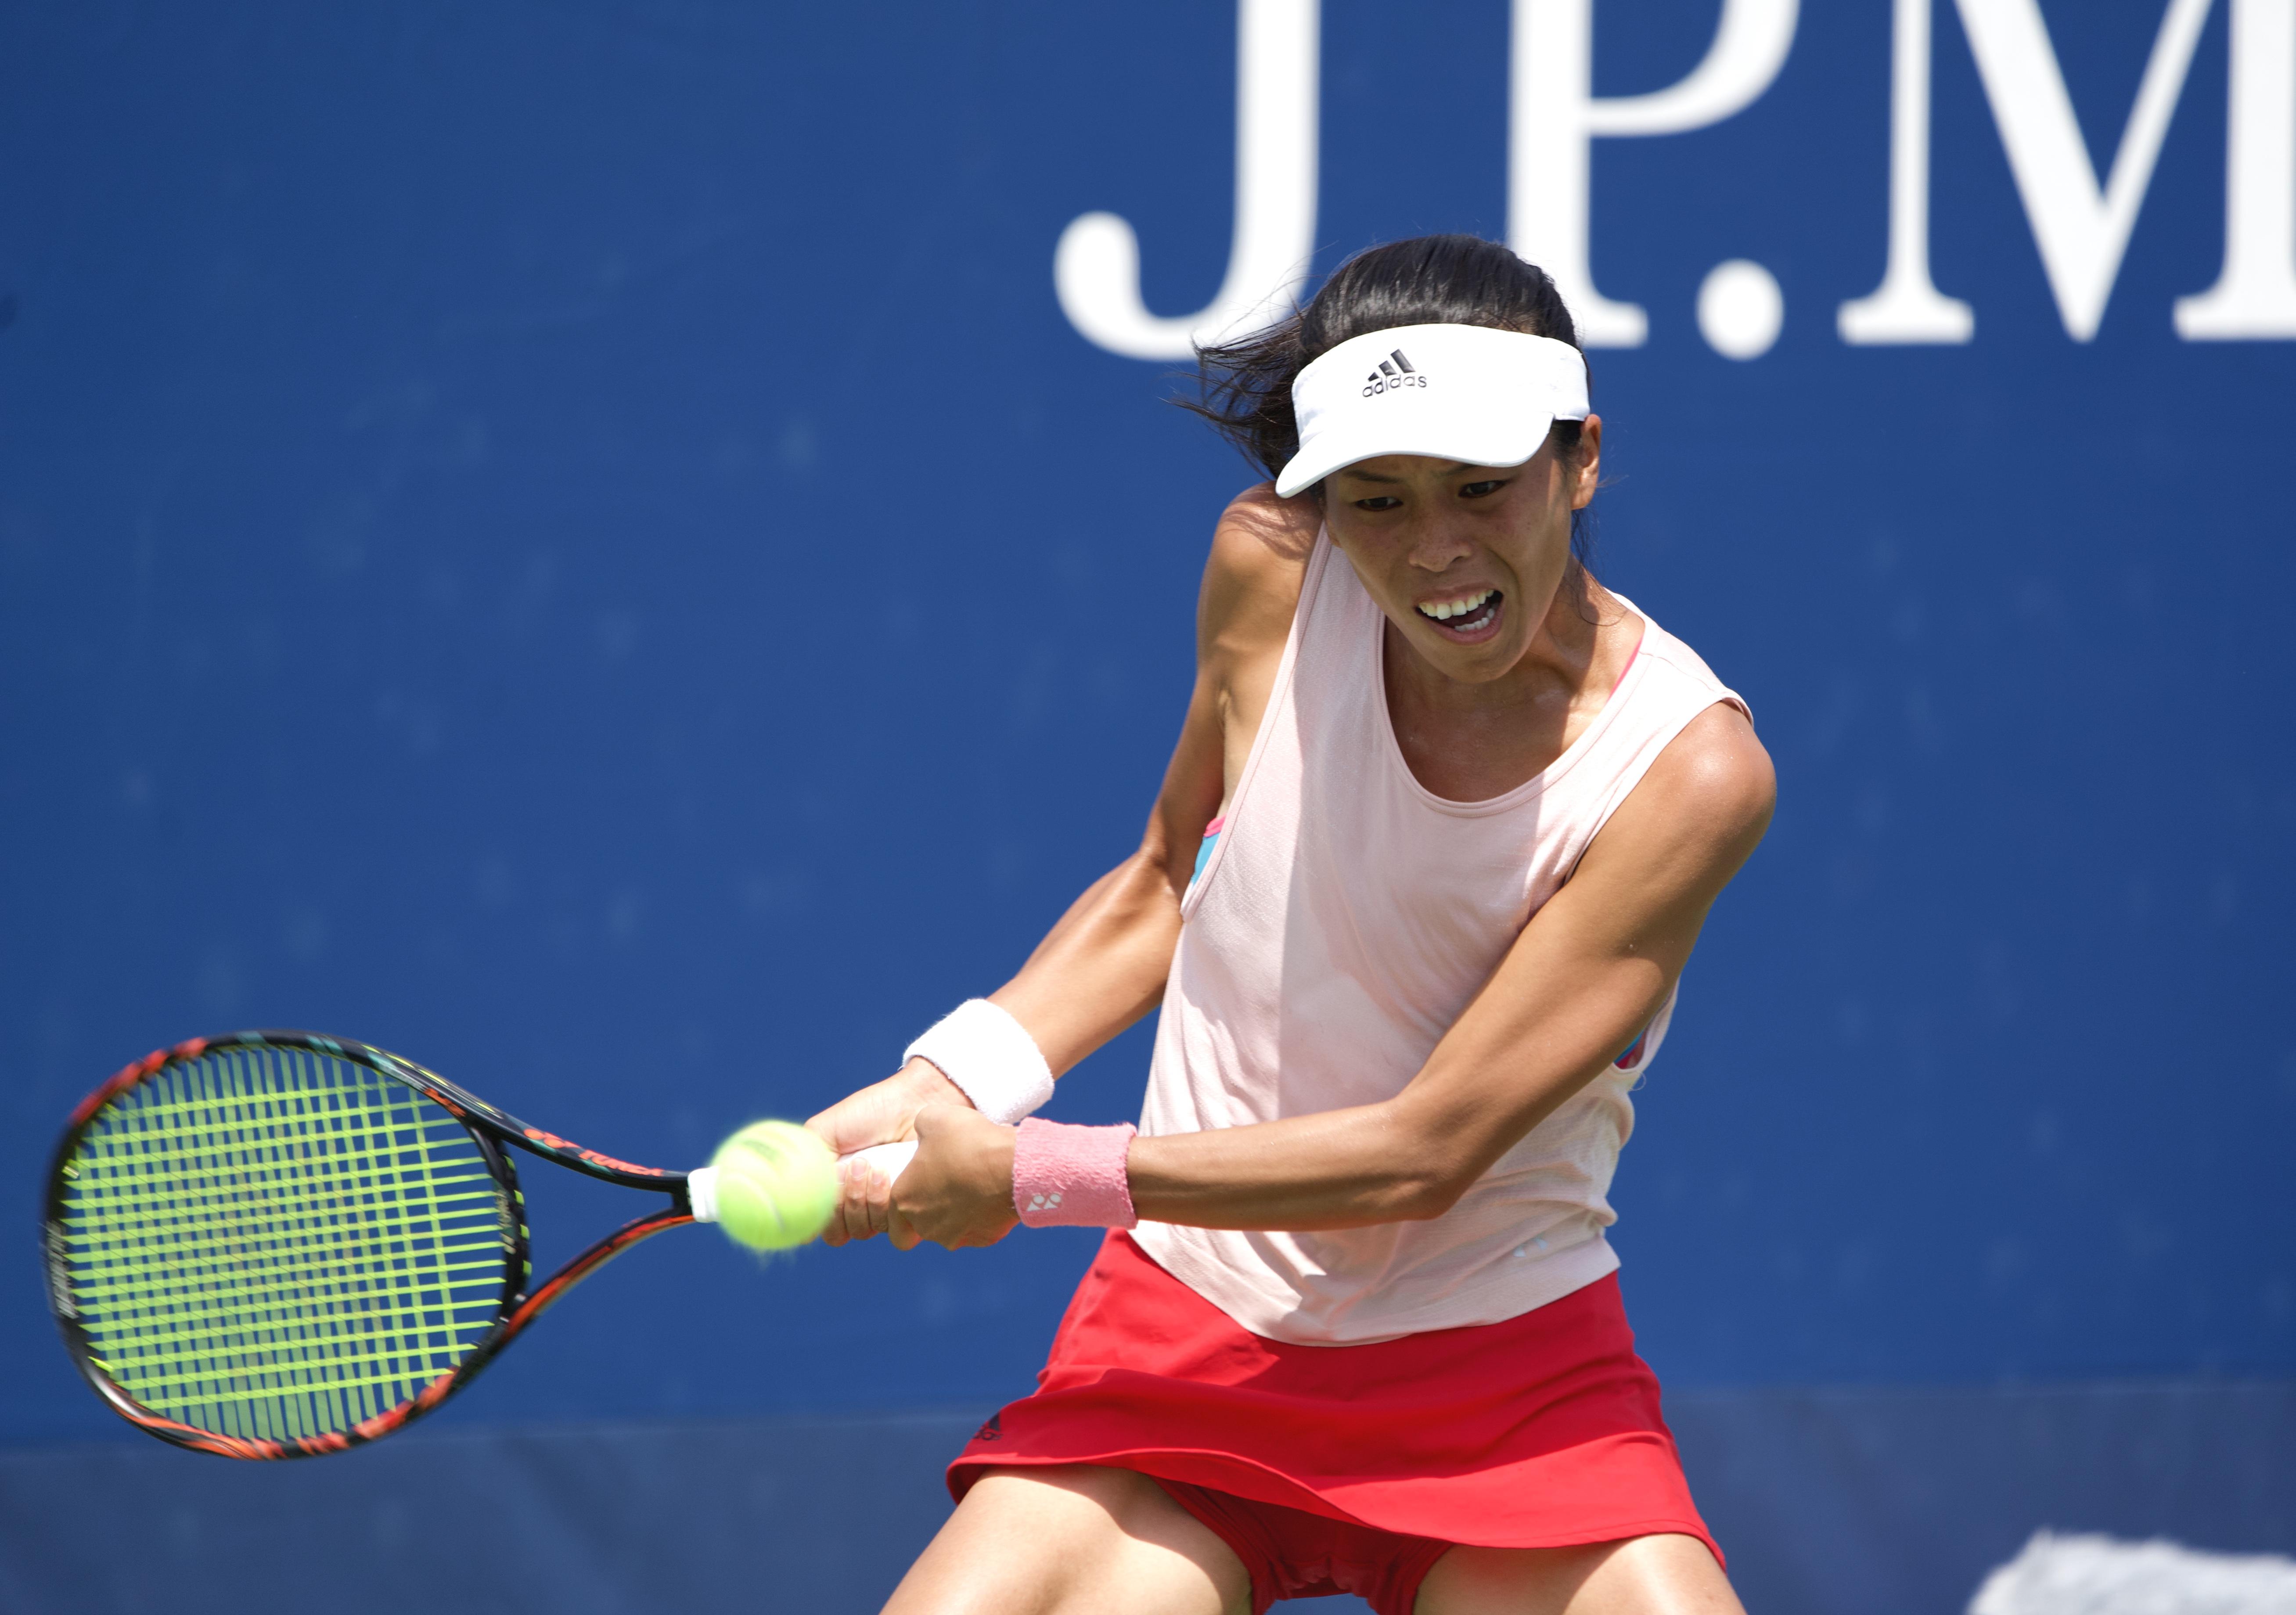 睽違六年 謝淑薇再次進美網女單64強 | 大滿貫賽 | 大紀元